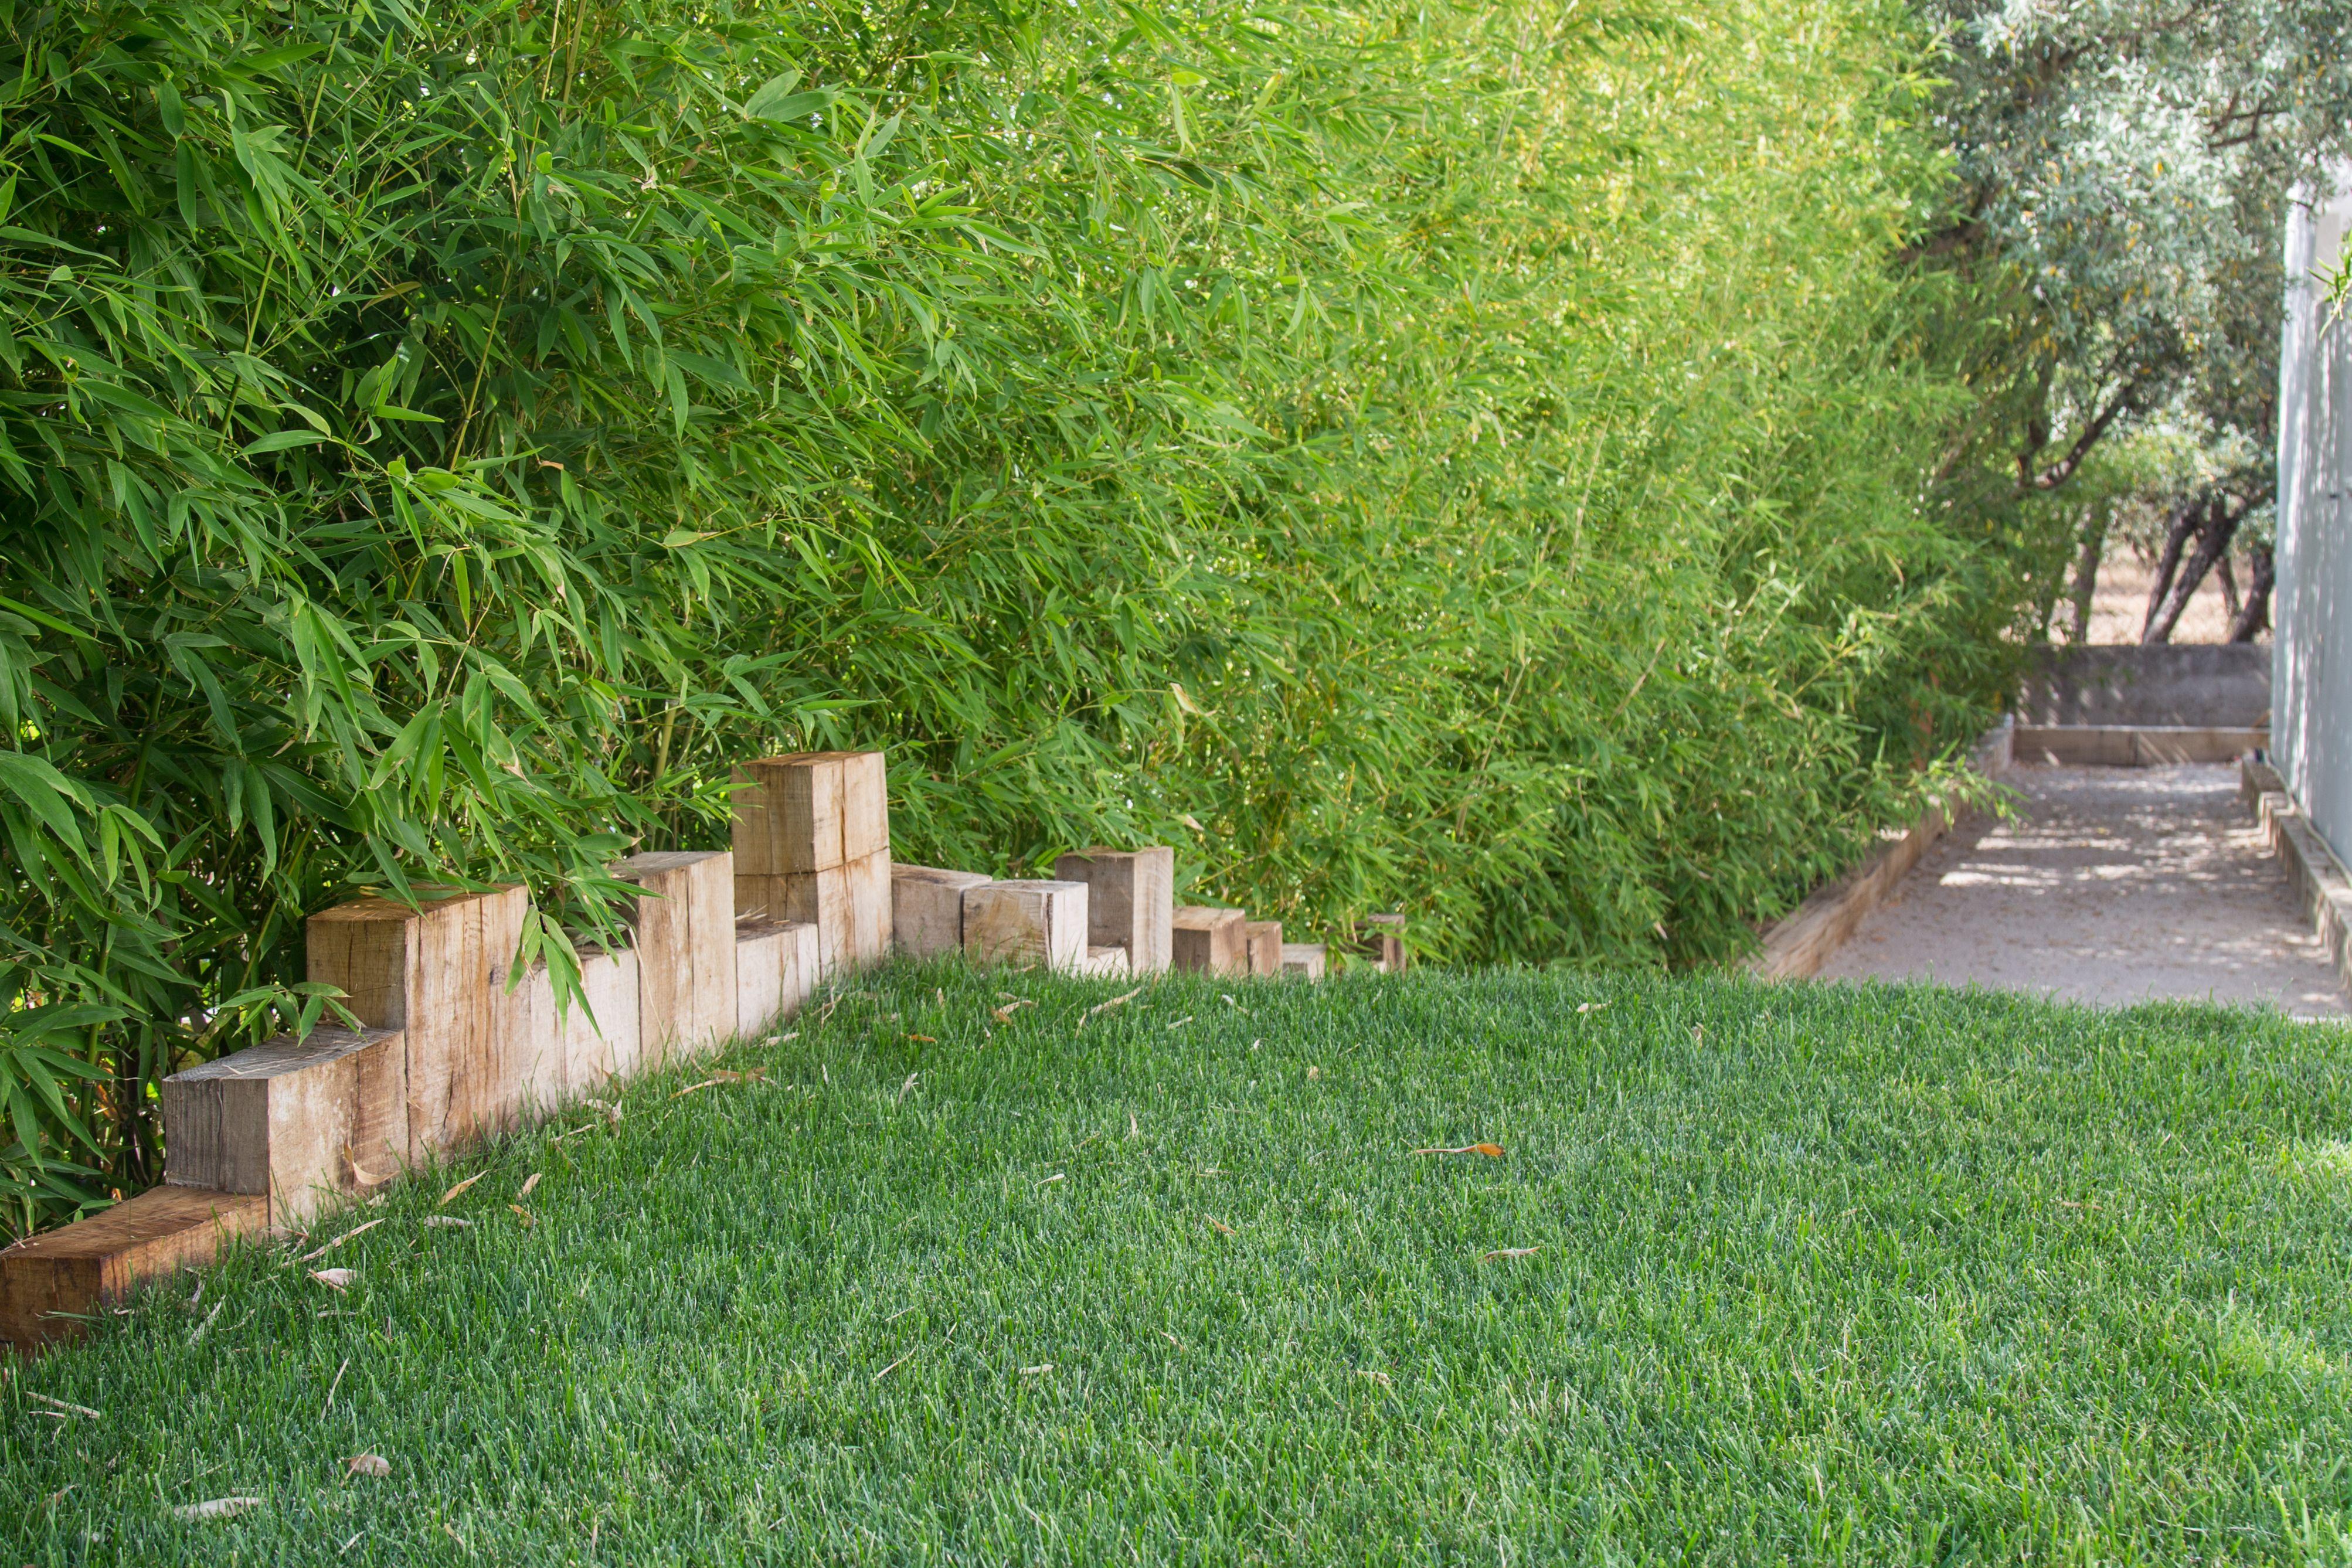 Gazon Jardin Amenagement Exterieur Outdoor Ouside Haie